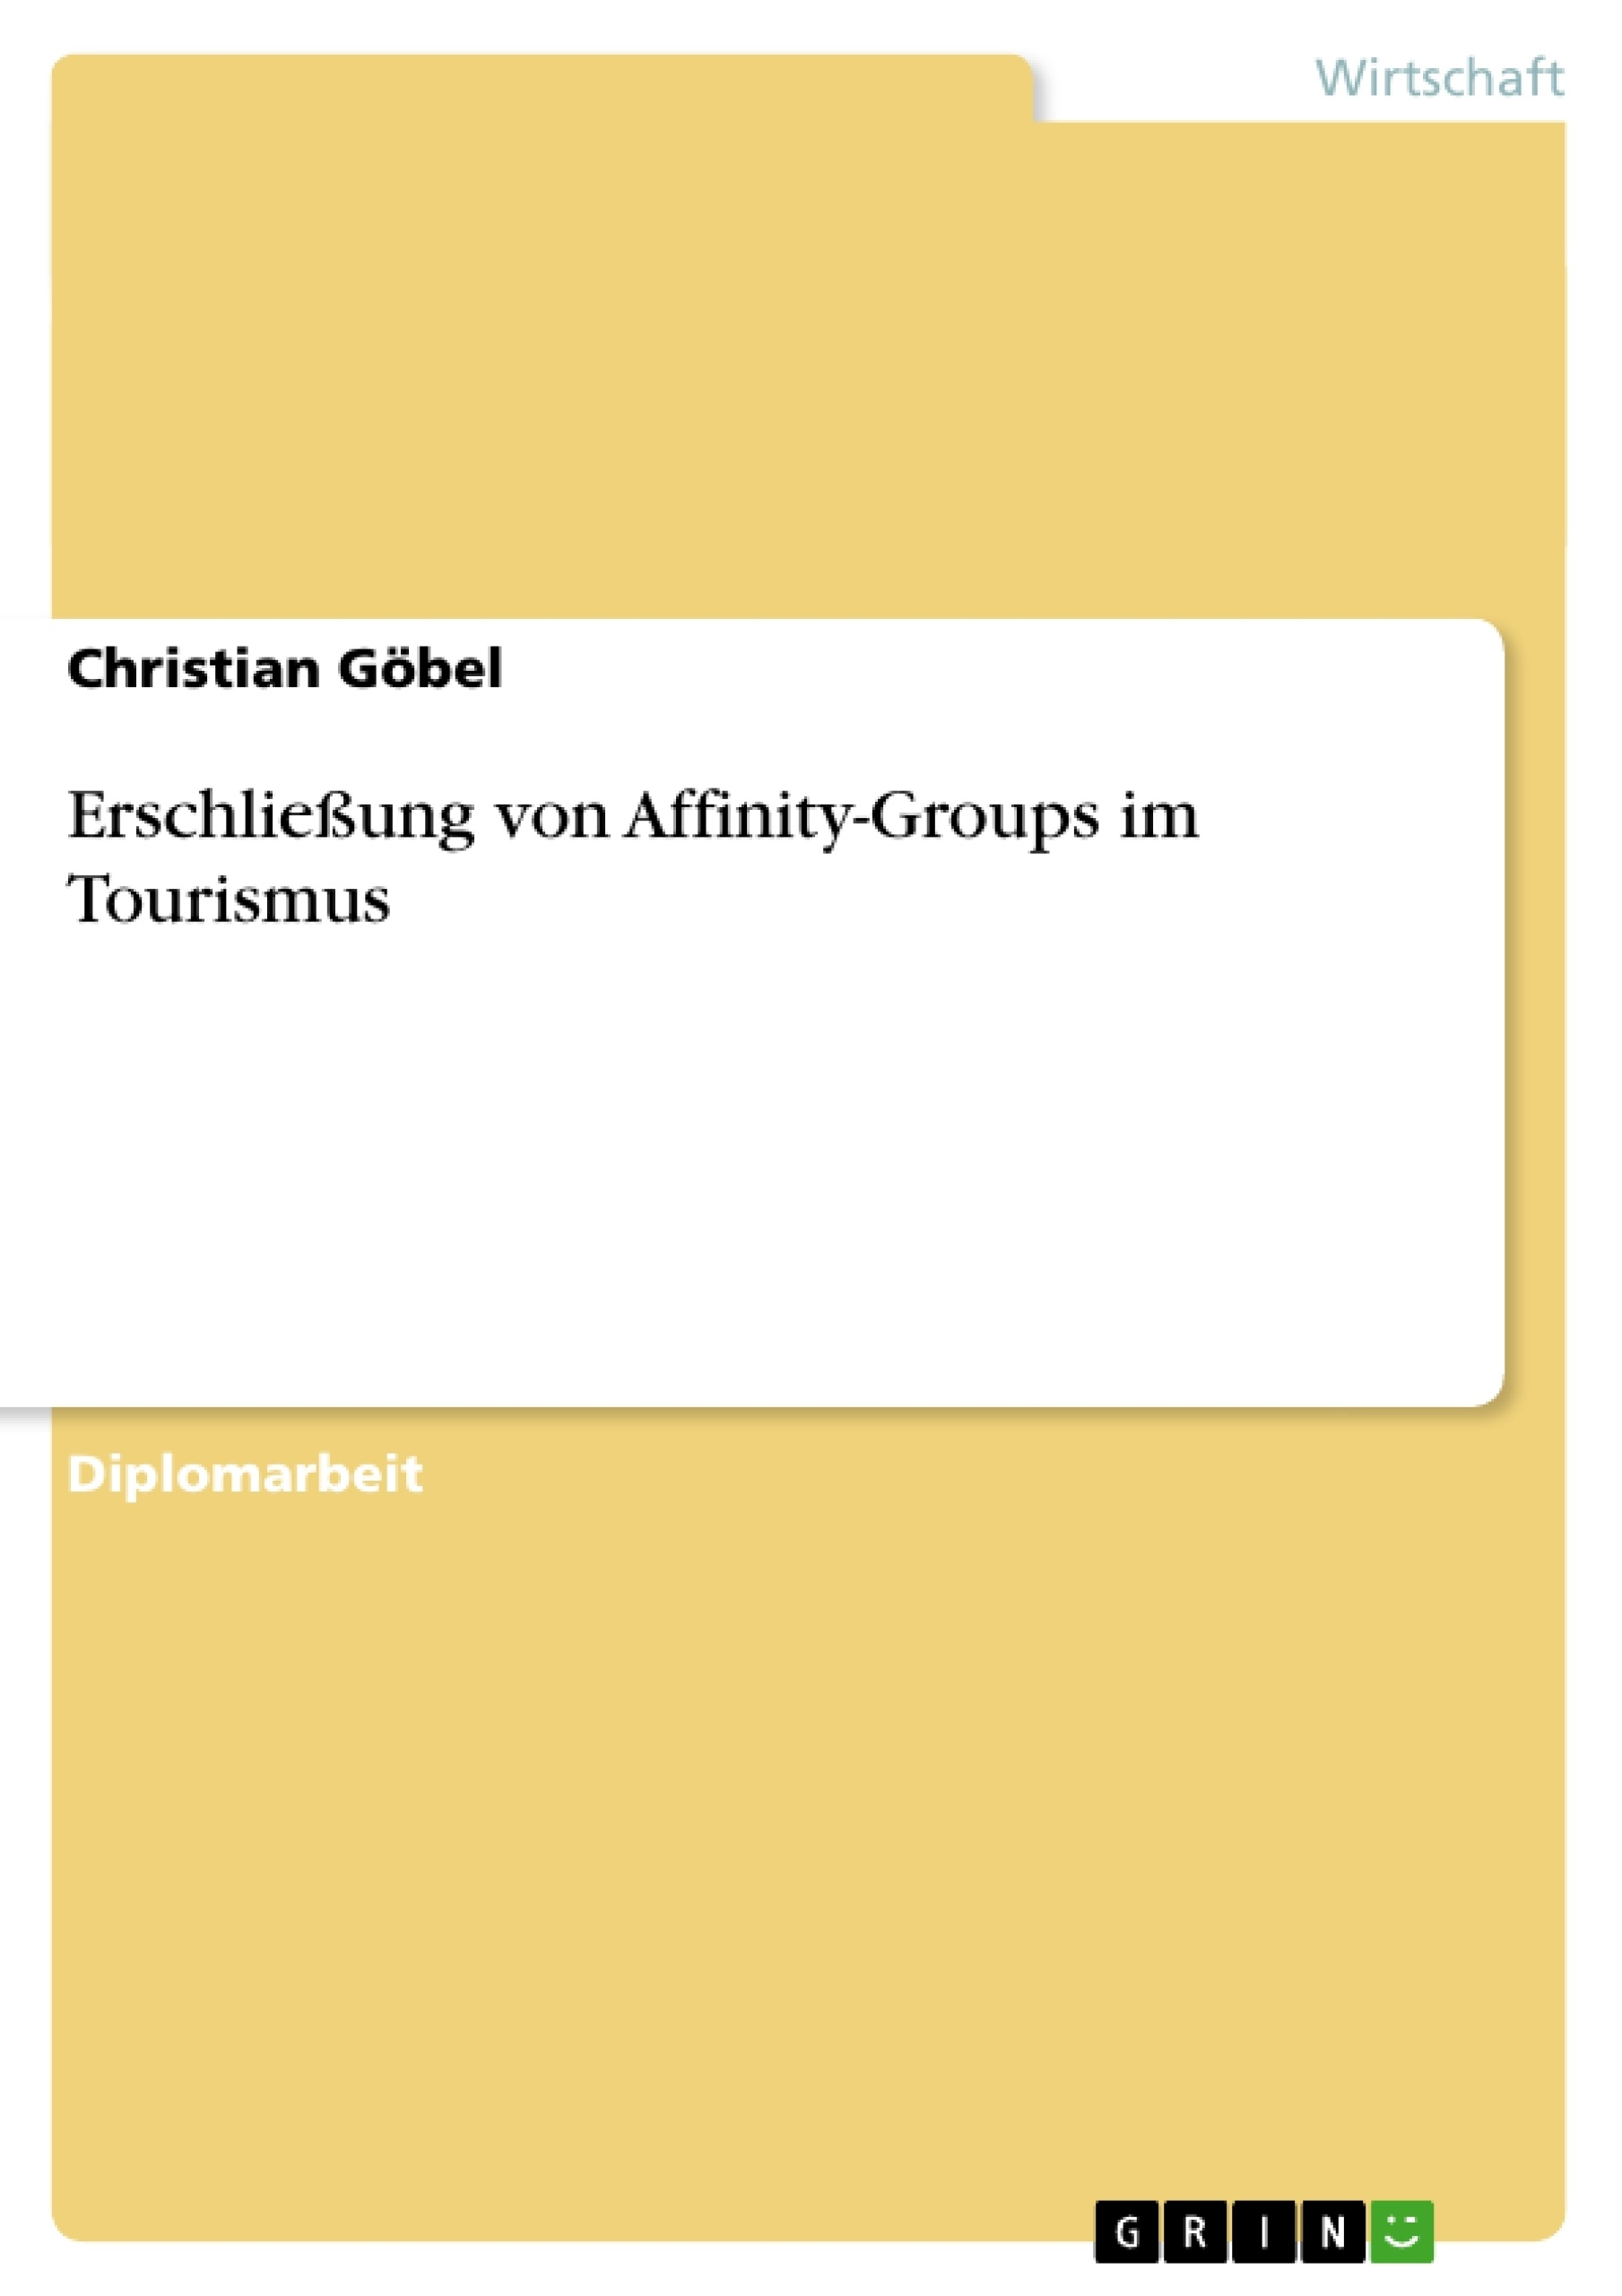 Titel: Erschließung von Affinity-Groups im Tourismus